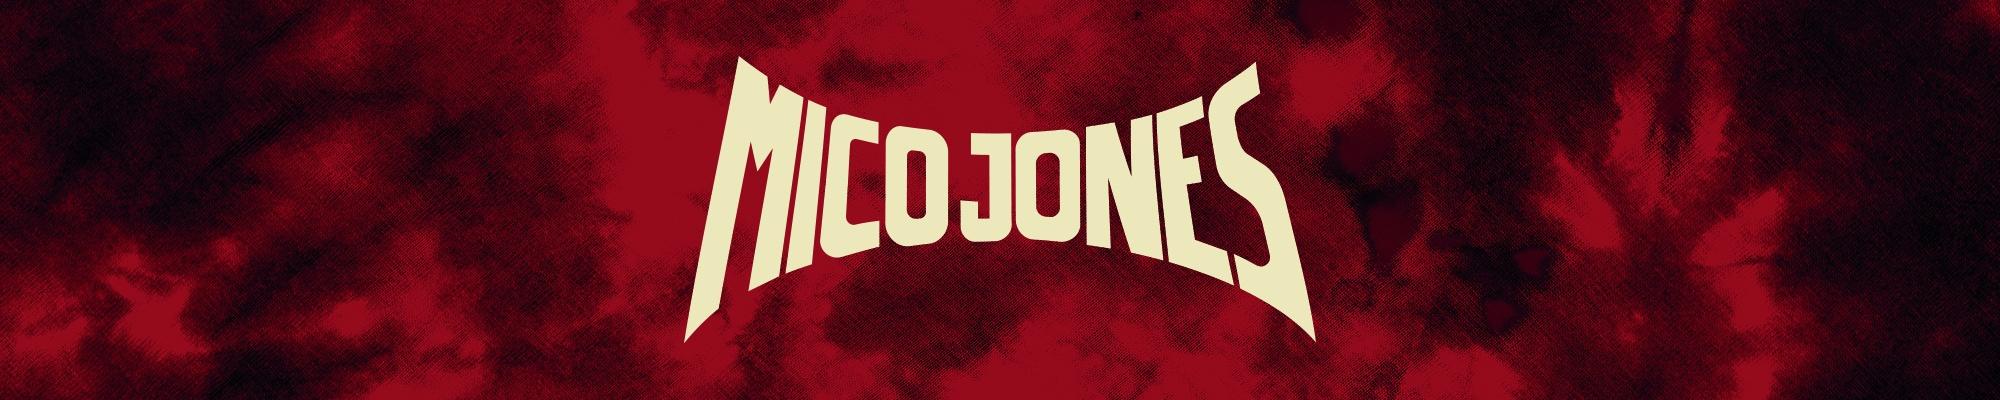 micojones Cover